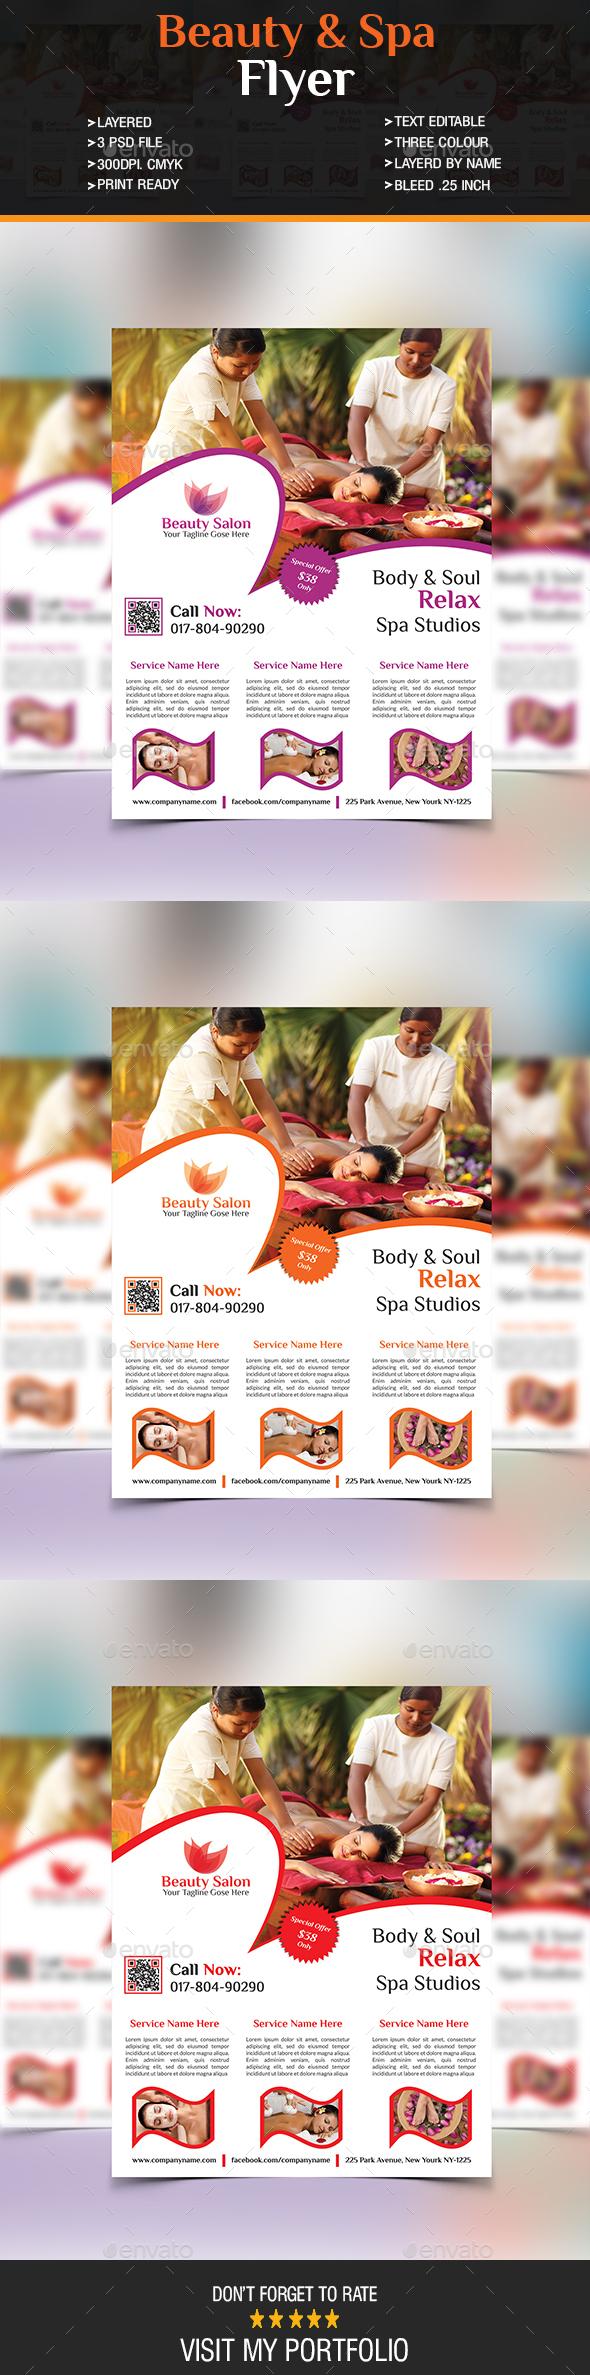 Beauty & Spa Flyer - Flyers Print Templates